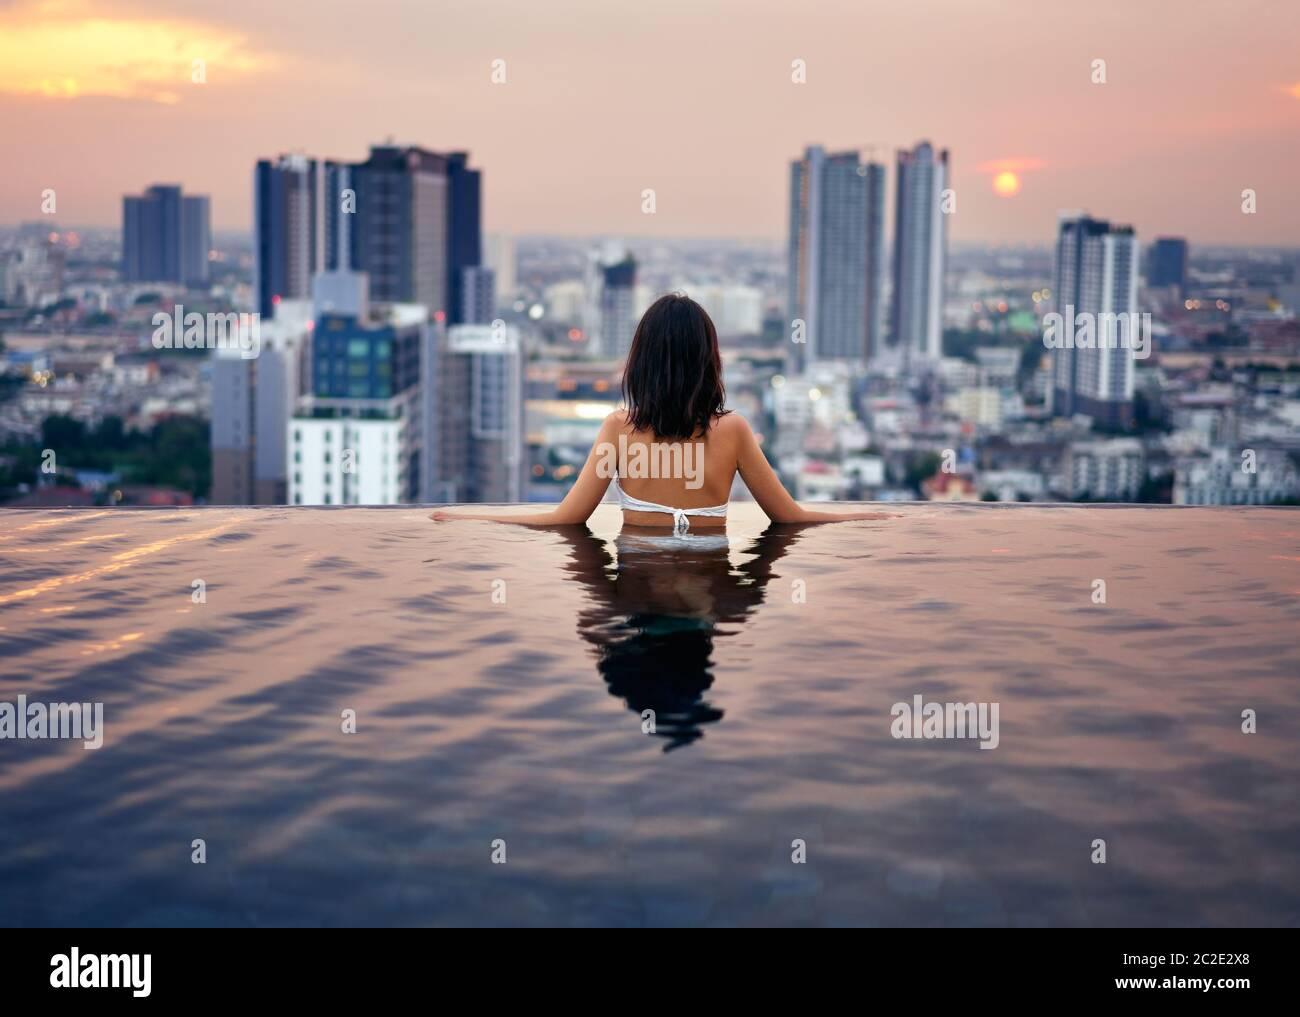 Mujer joven relajarse en la piscina en la azotea durante la puesta de sol increíble y disfrutar de la vista de la ciudad Foto de stock